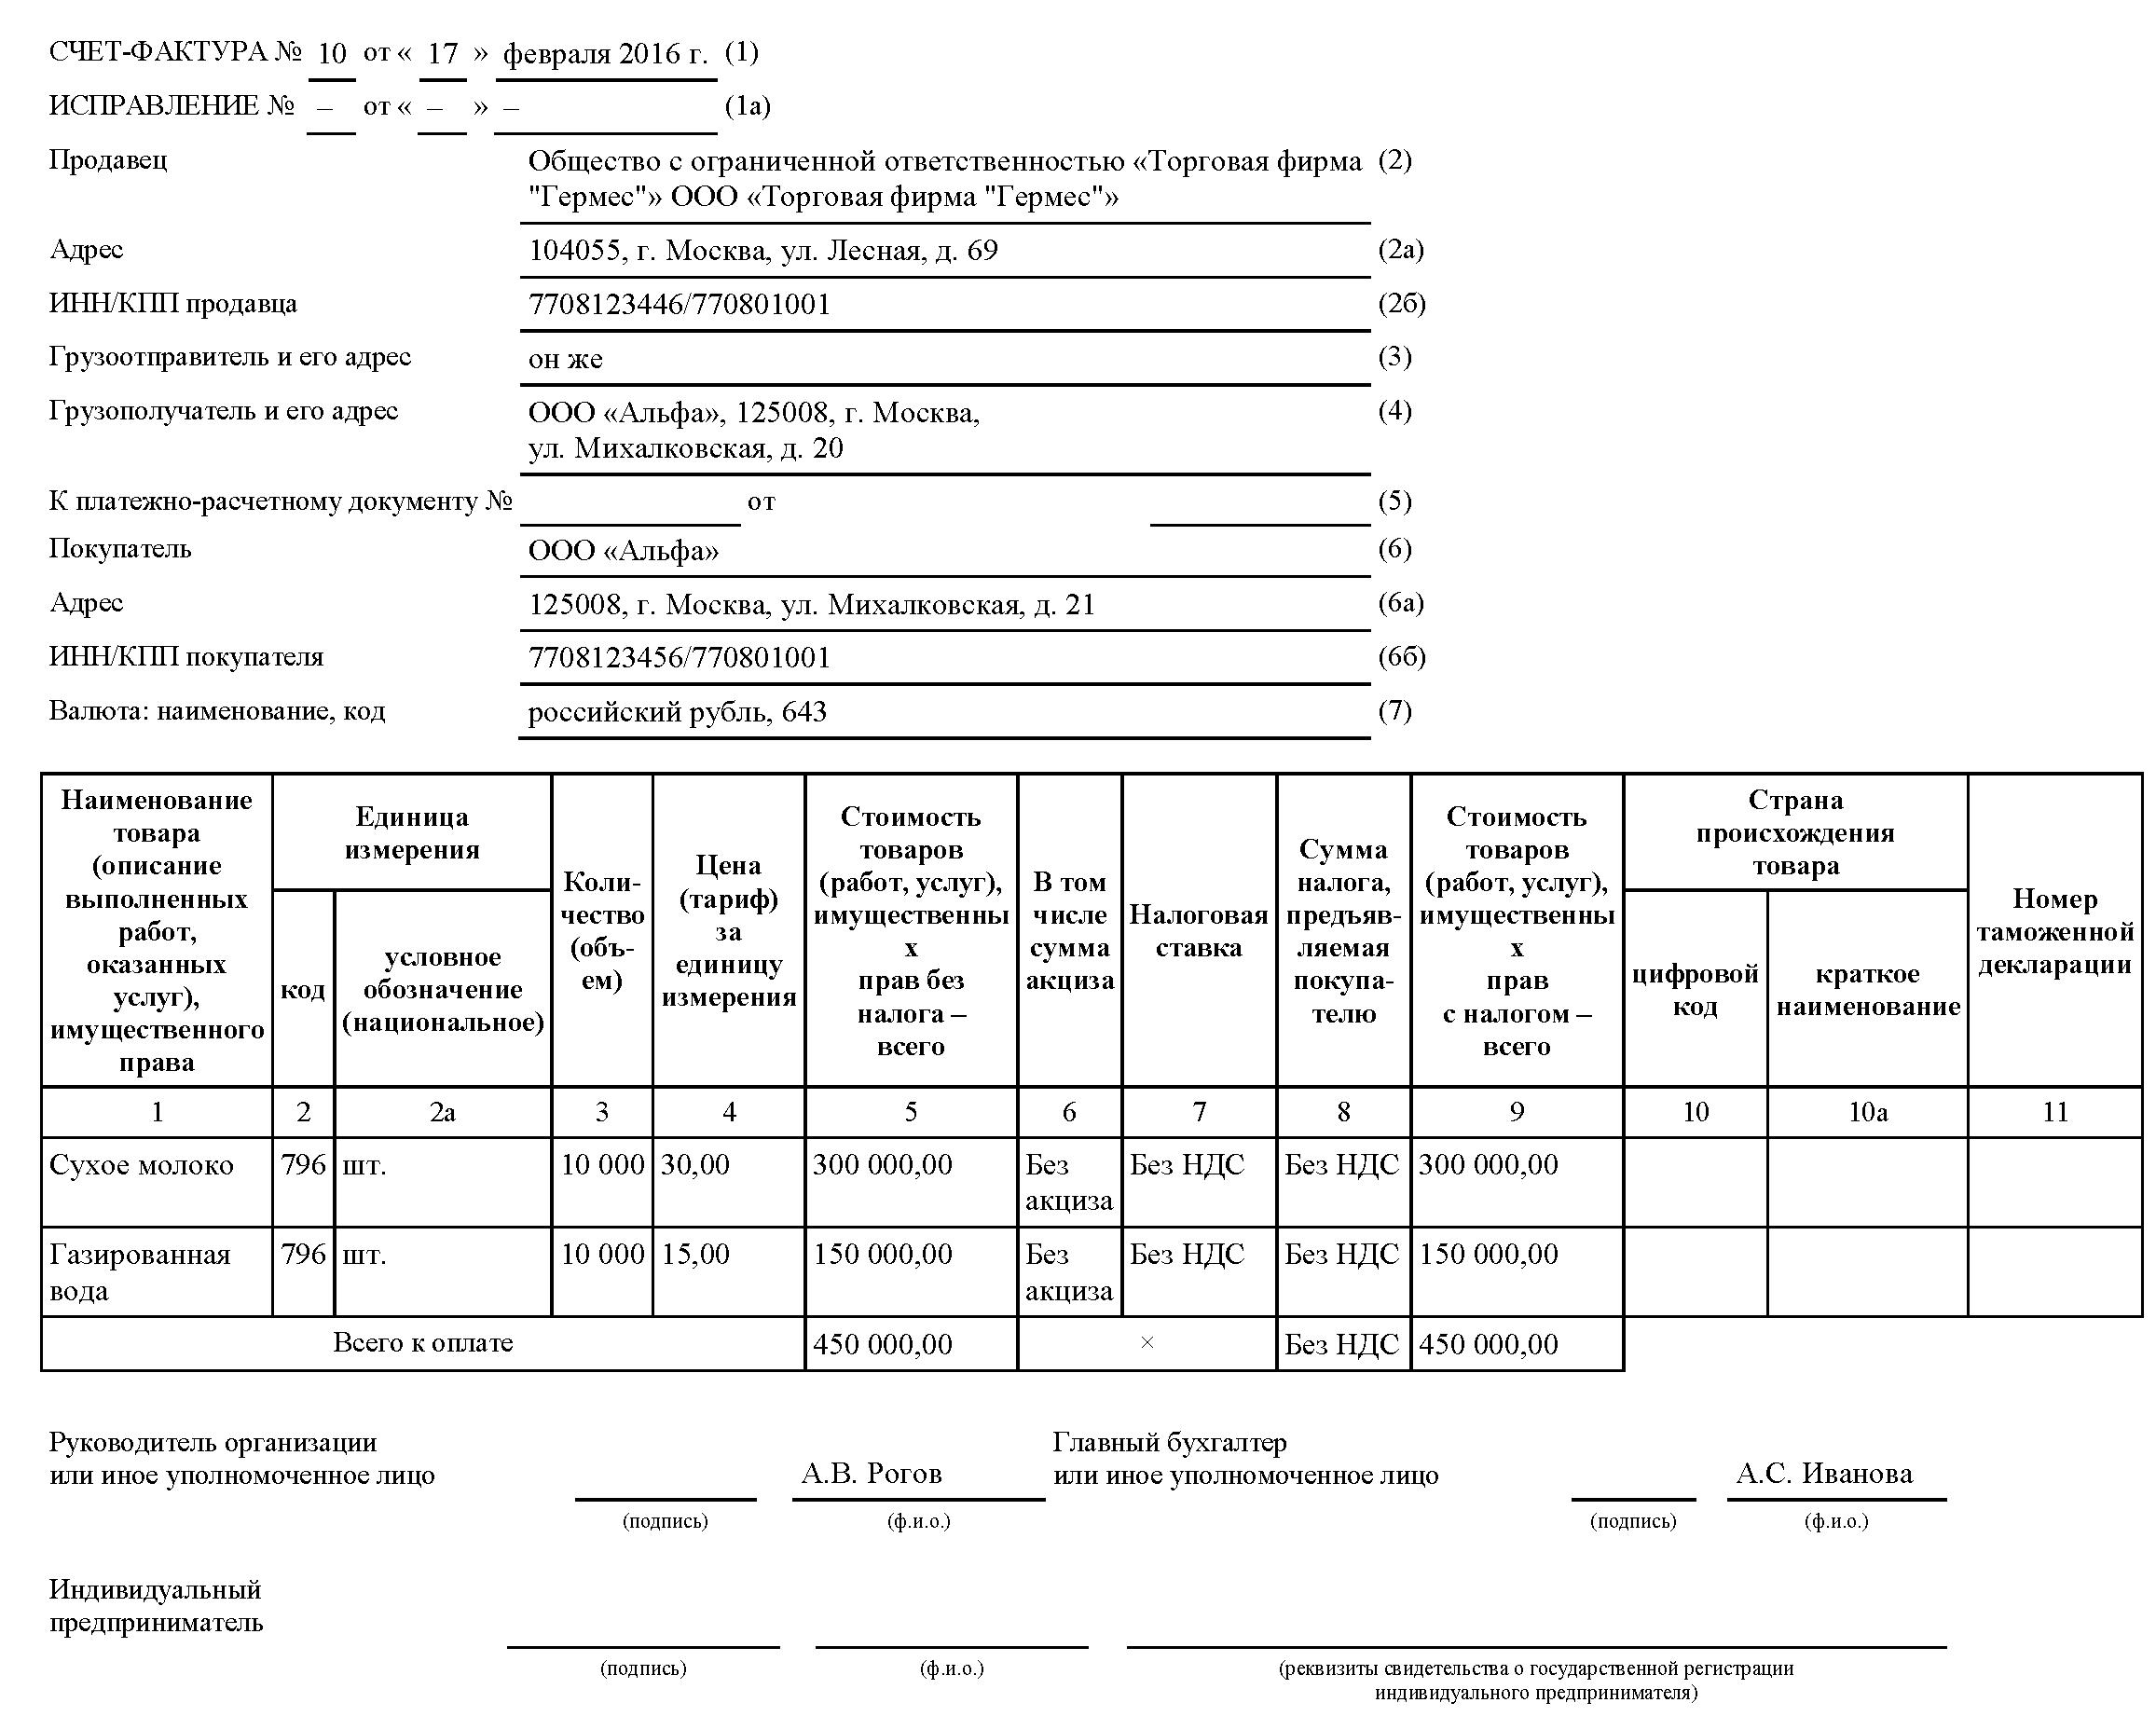 Состояние лицевого счета в пенсионном фонде